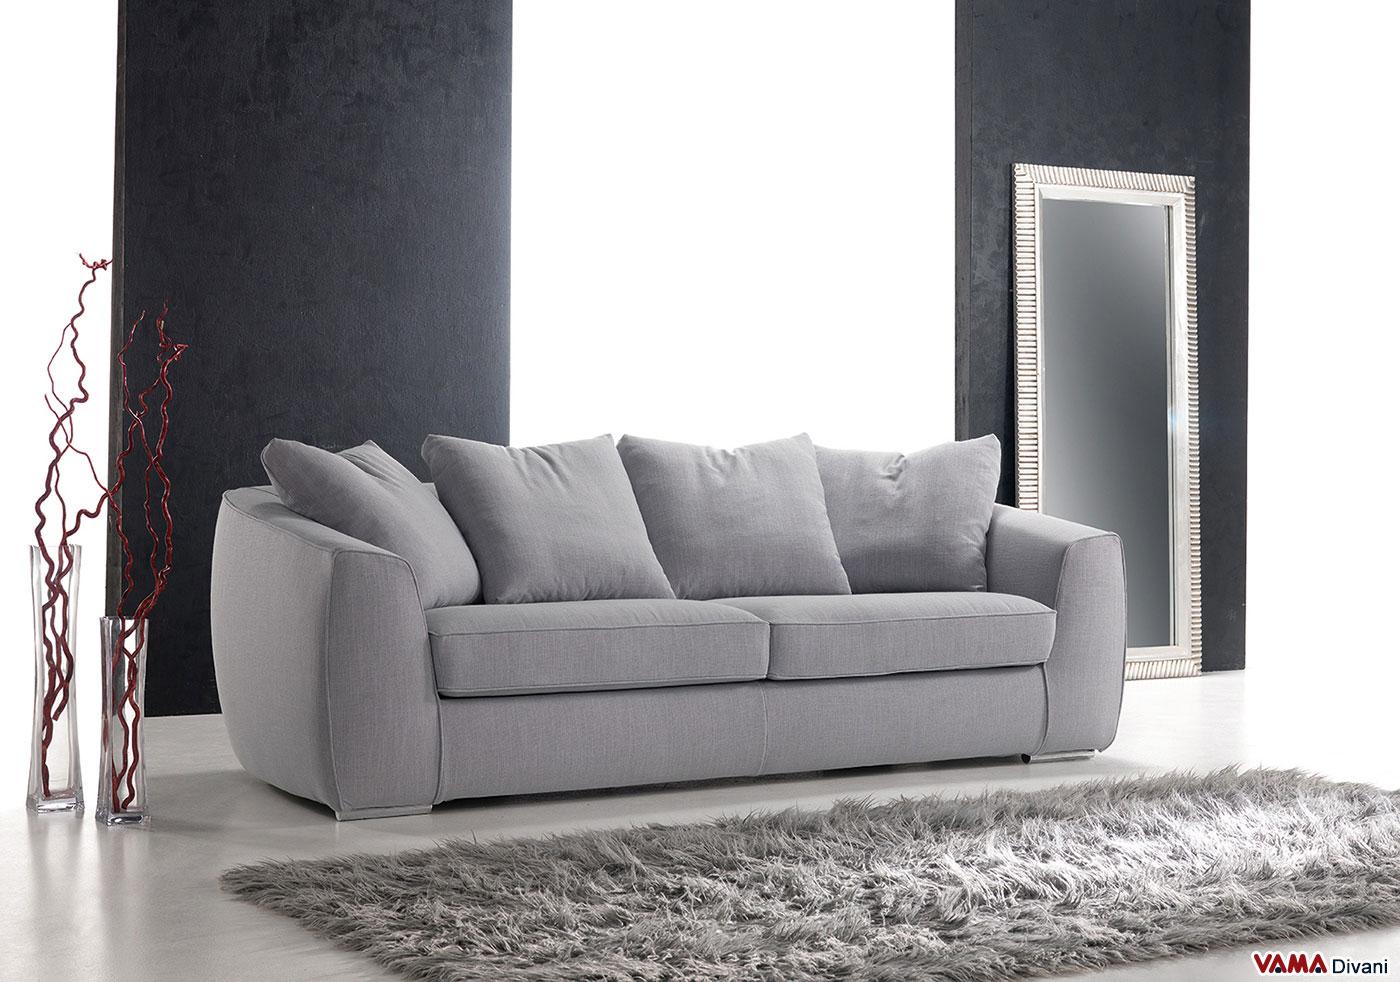 Vama divani blog volterra divano moderno dall 39 insolito - Cuscini moderni divano ...